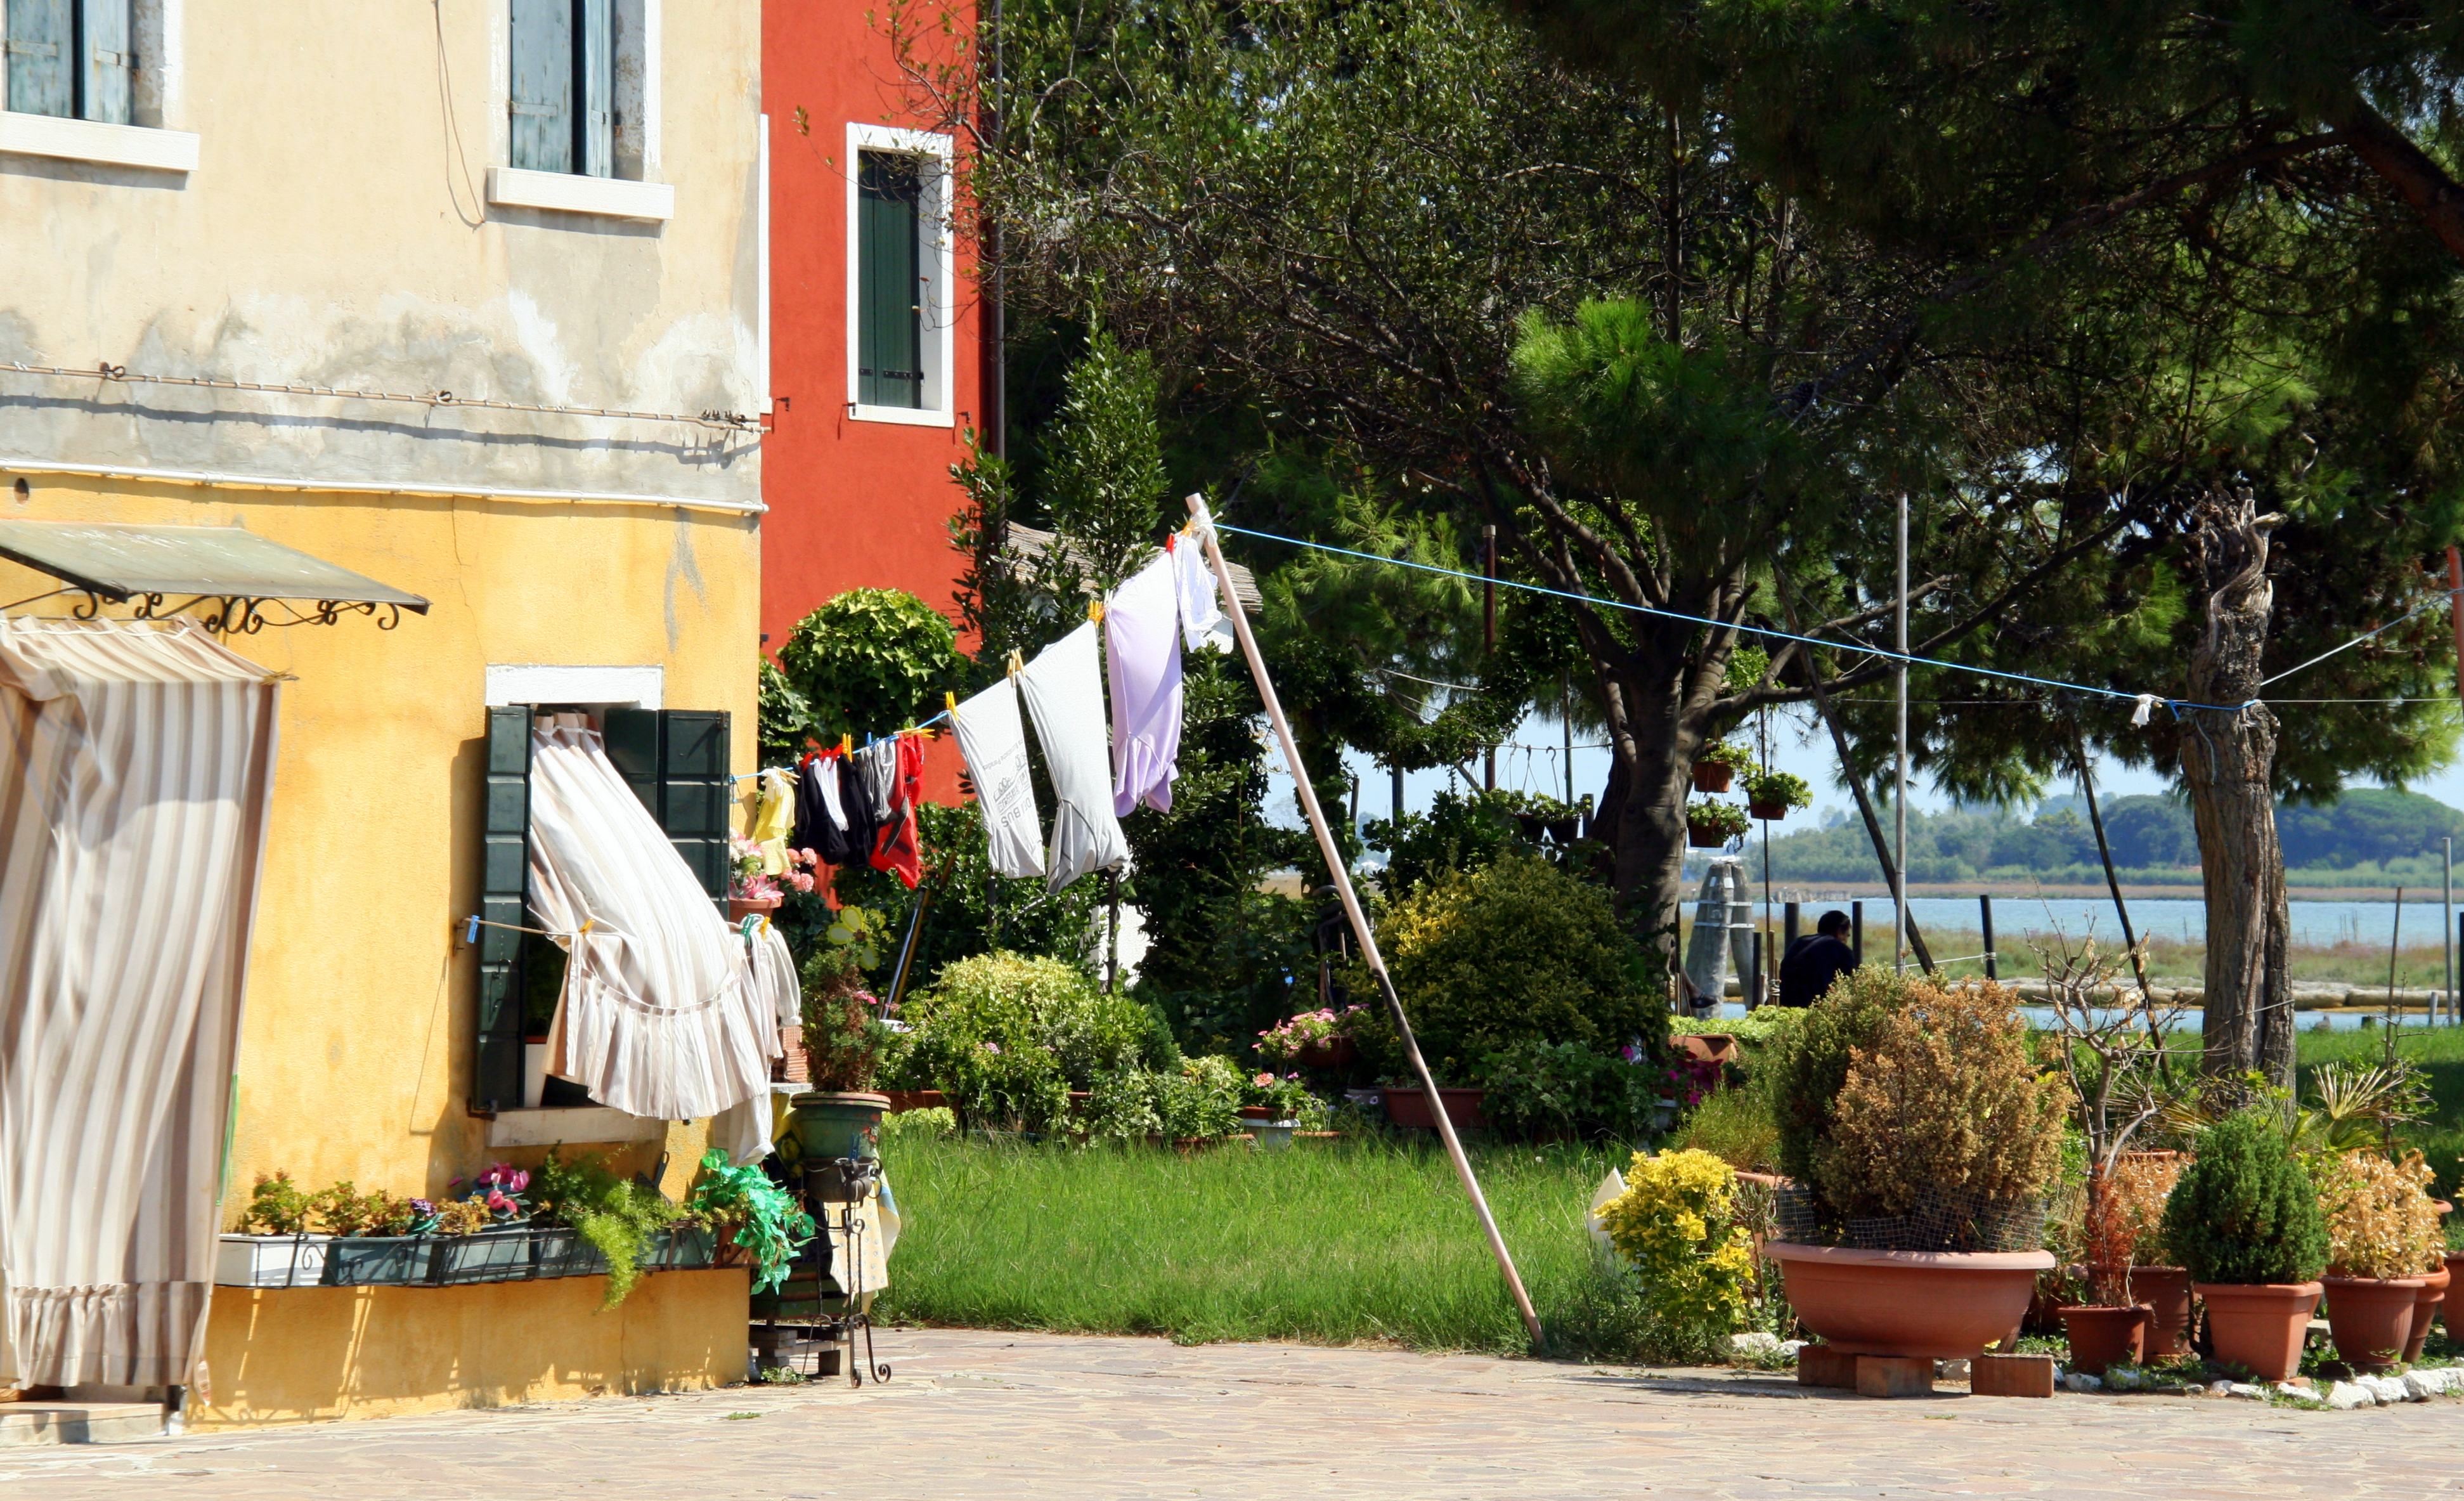 venezia 2 parte (15)